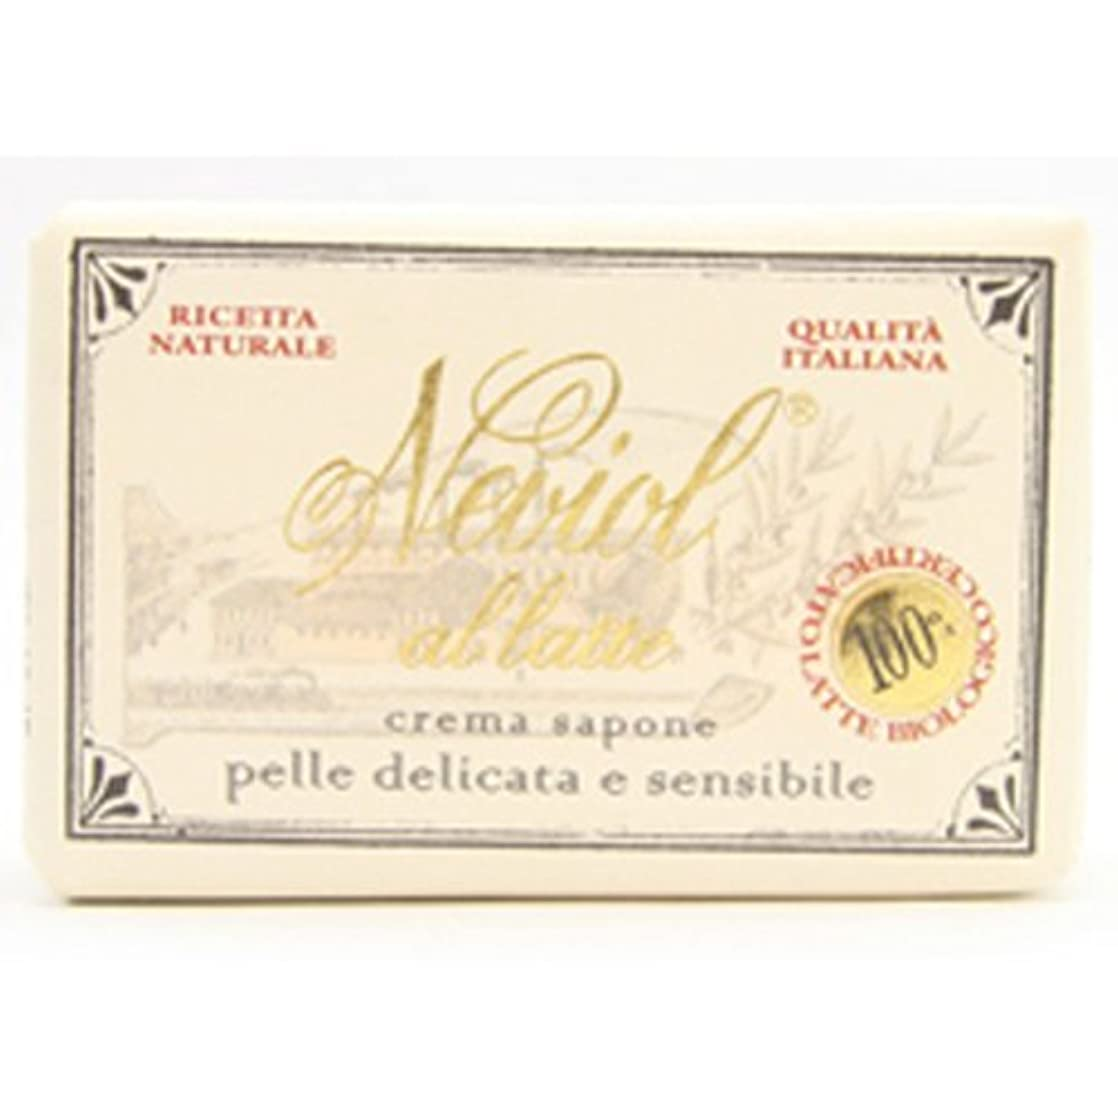 責任大岸Saponerire Fissi  サポネリーフィッシー milk baby soap ミルク ベビー ソープ 150g cream sapone